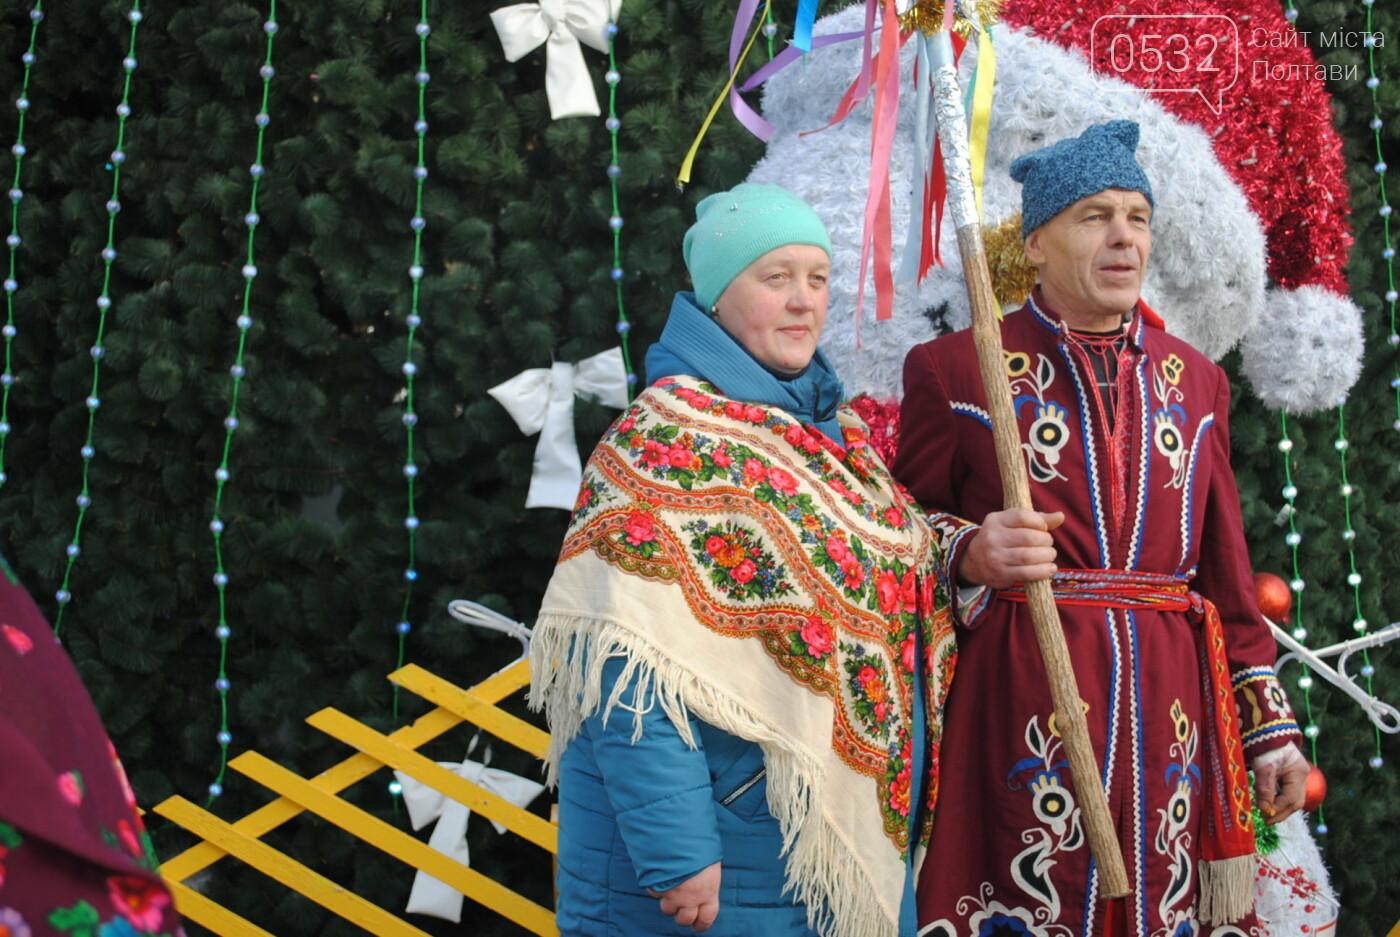 У Полтаві розгорнулося вертепне дійство з колядками та щедрівками «Різдвяна феєрія» (ФОТО), фото-12